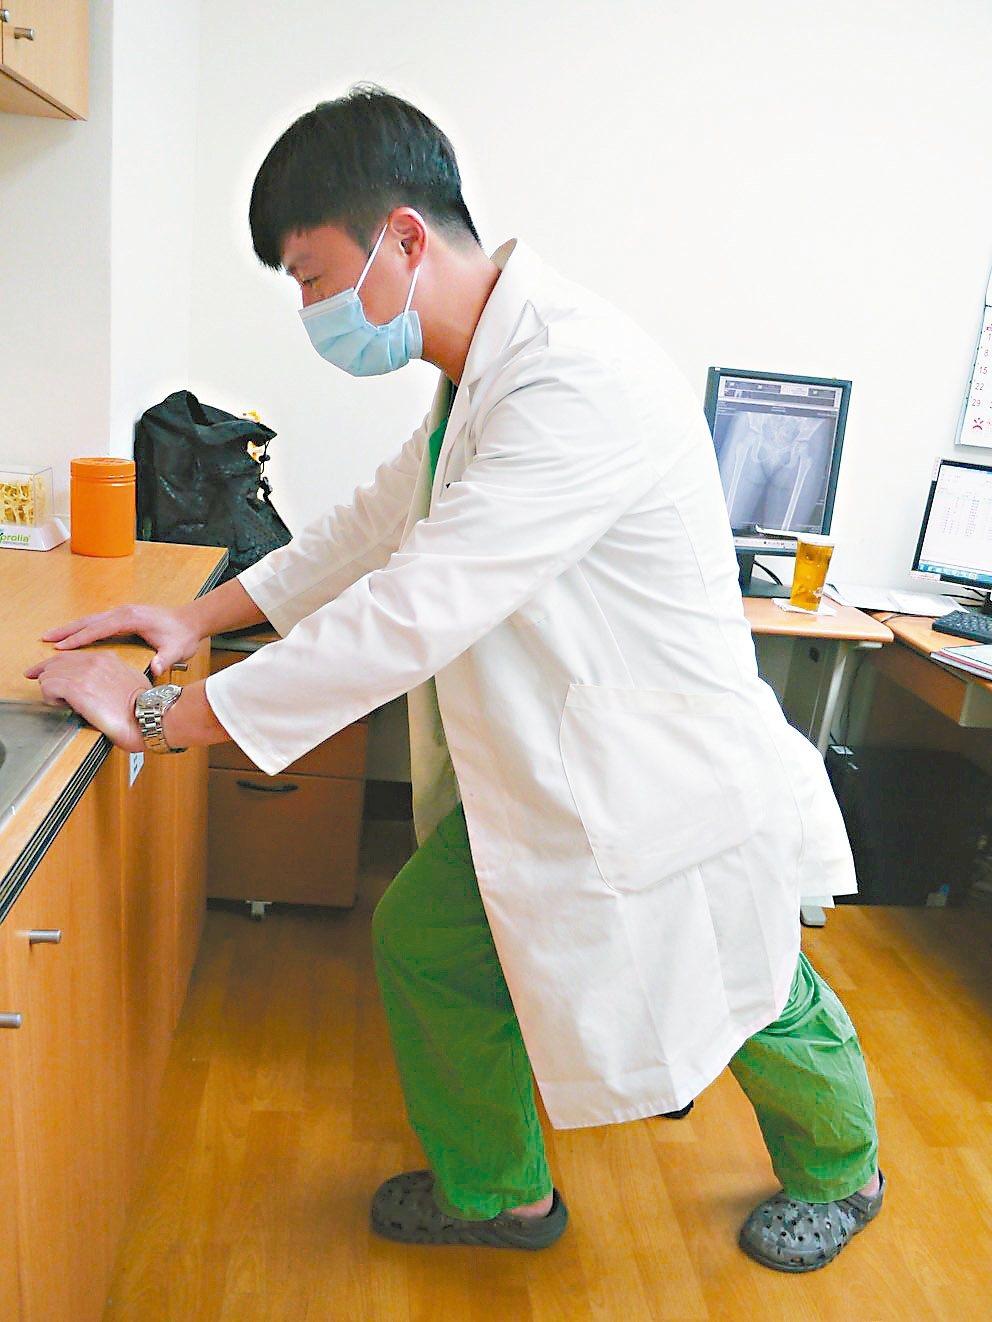 骨科醫師林書樊示範登山前暖身運動,可以扶著牆壁拉筋。 記者徐白櫻/攝影